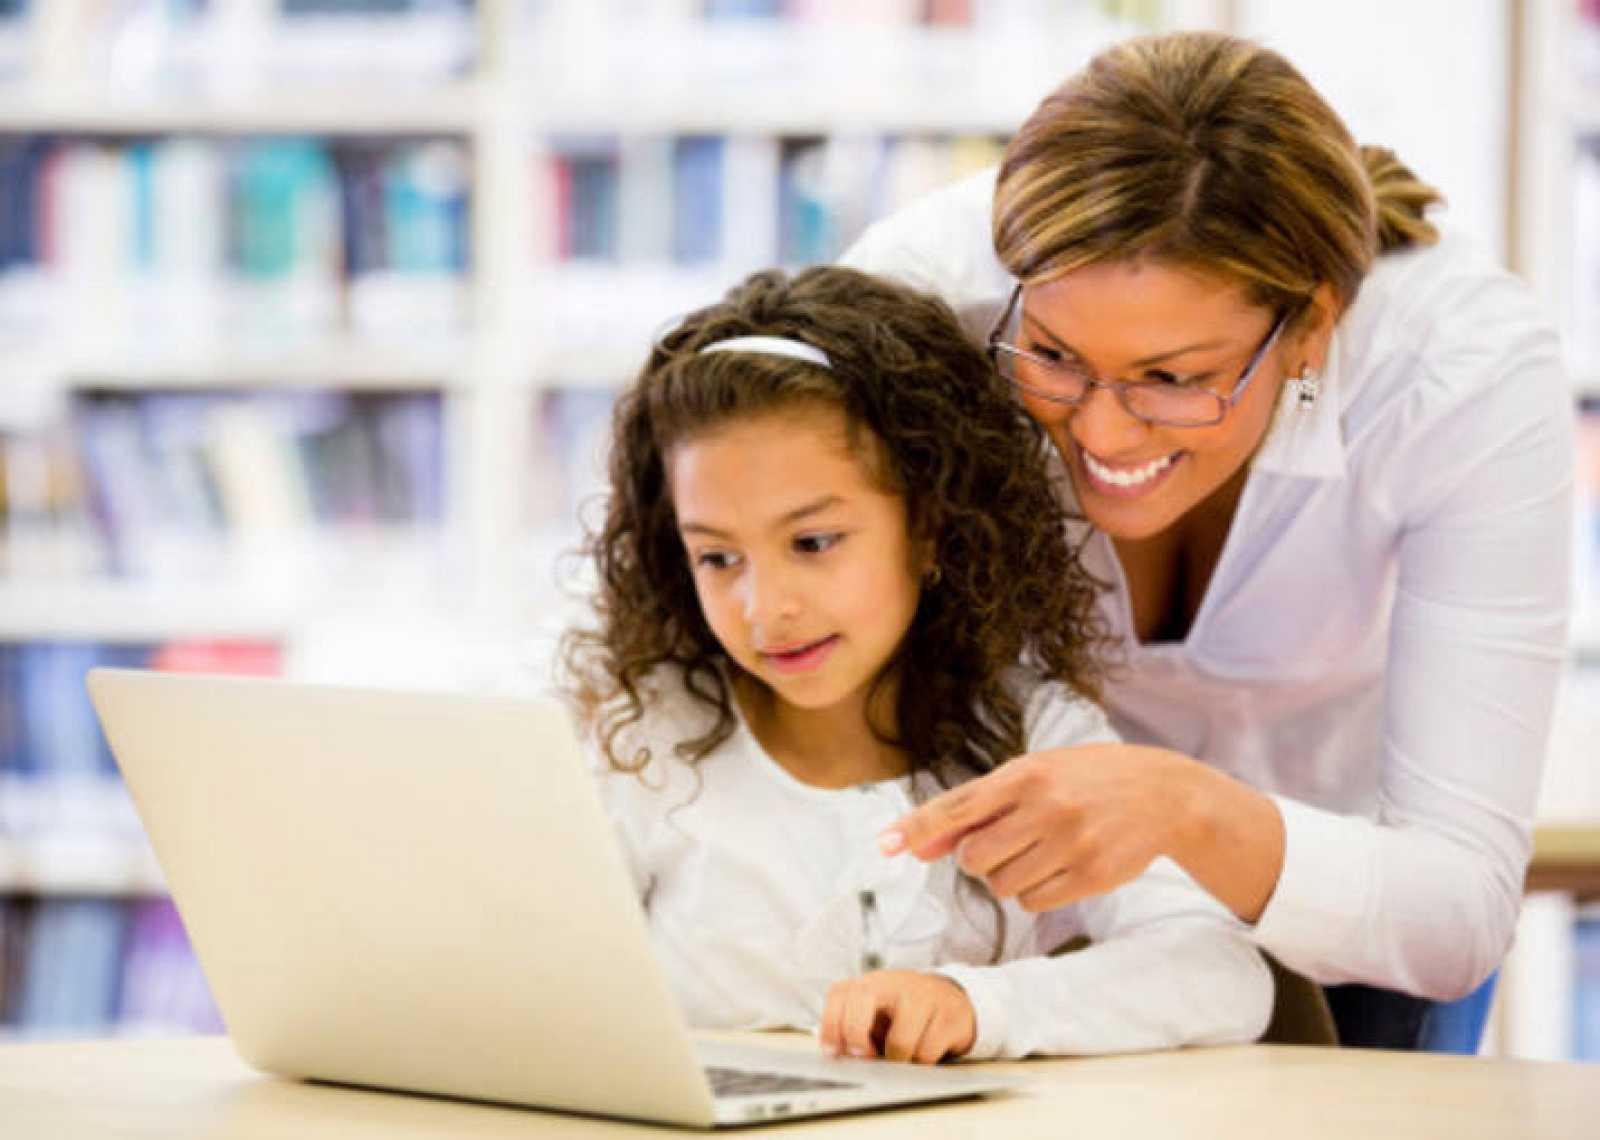 Una niña usa el ordenador portátil junto a su madre